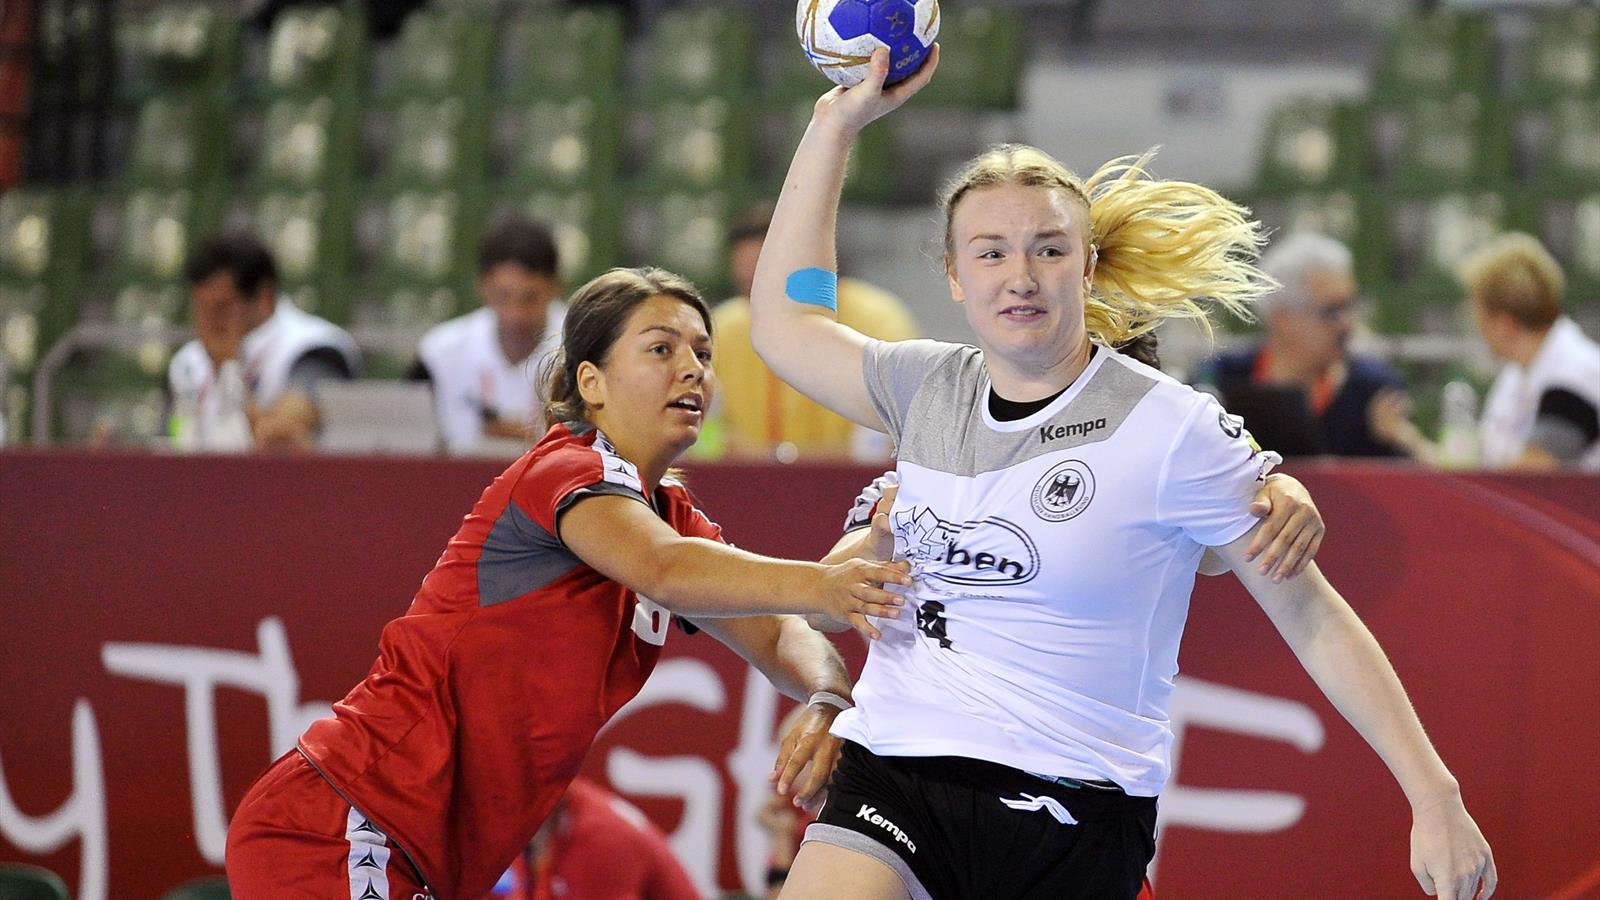 handball: handball em der frauen auf